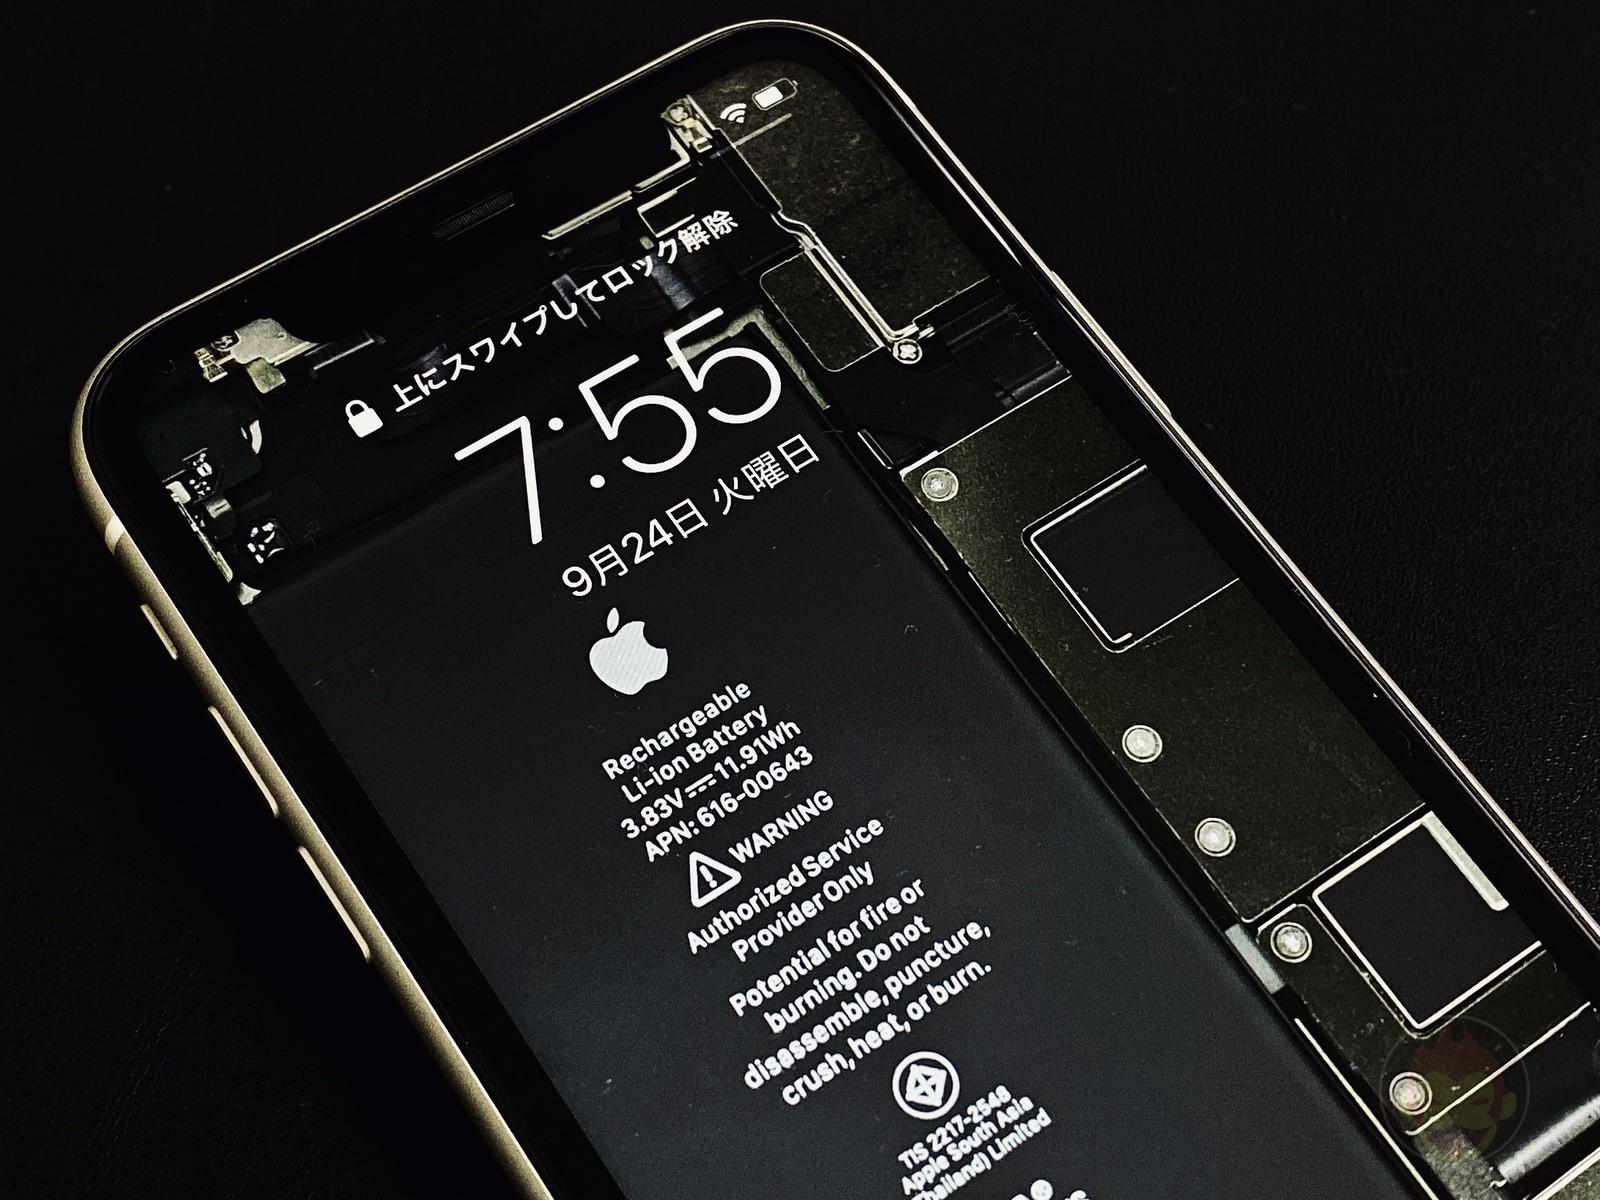 意欲 に対応する 体操 Iphone Xs 壁紙 黒 Style Labo Jp